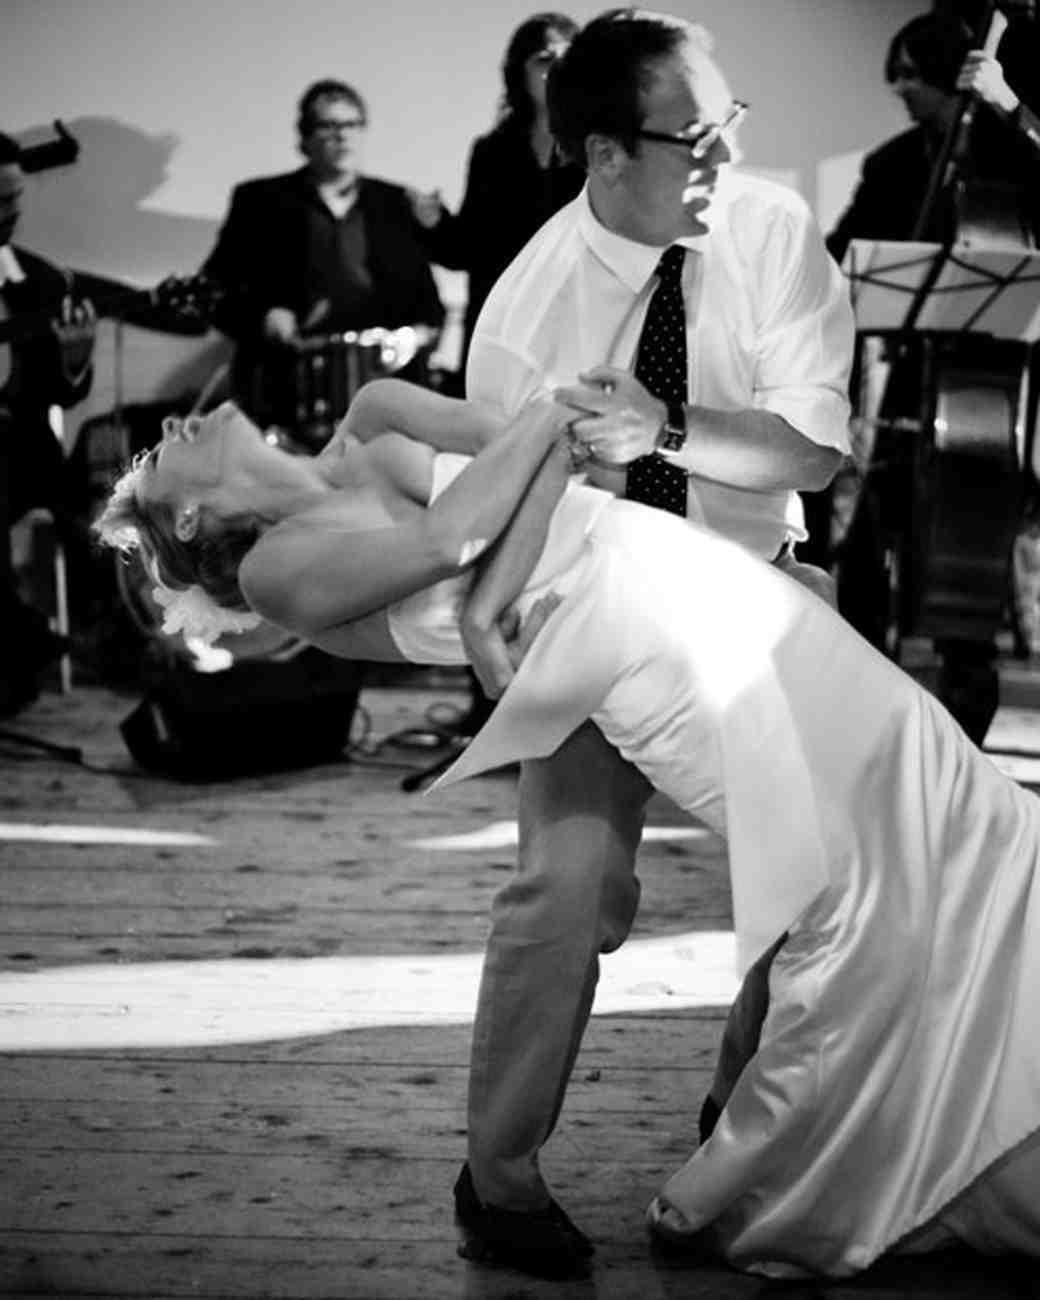 rw_0111_amy_kevin_dance.jpg